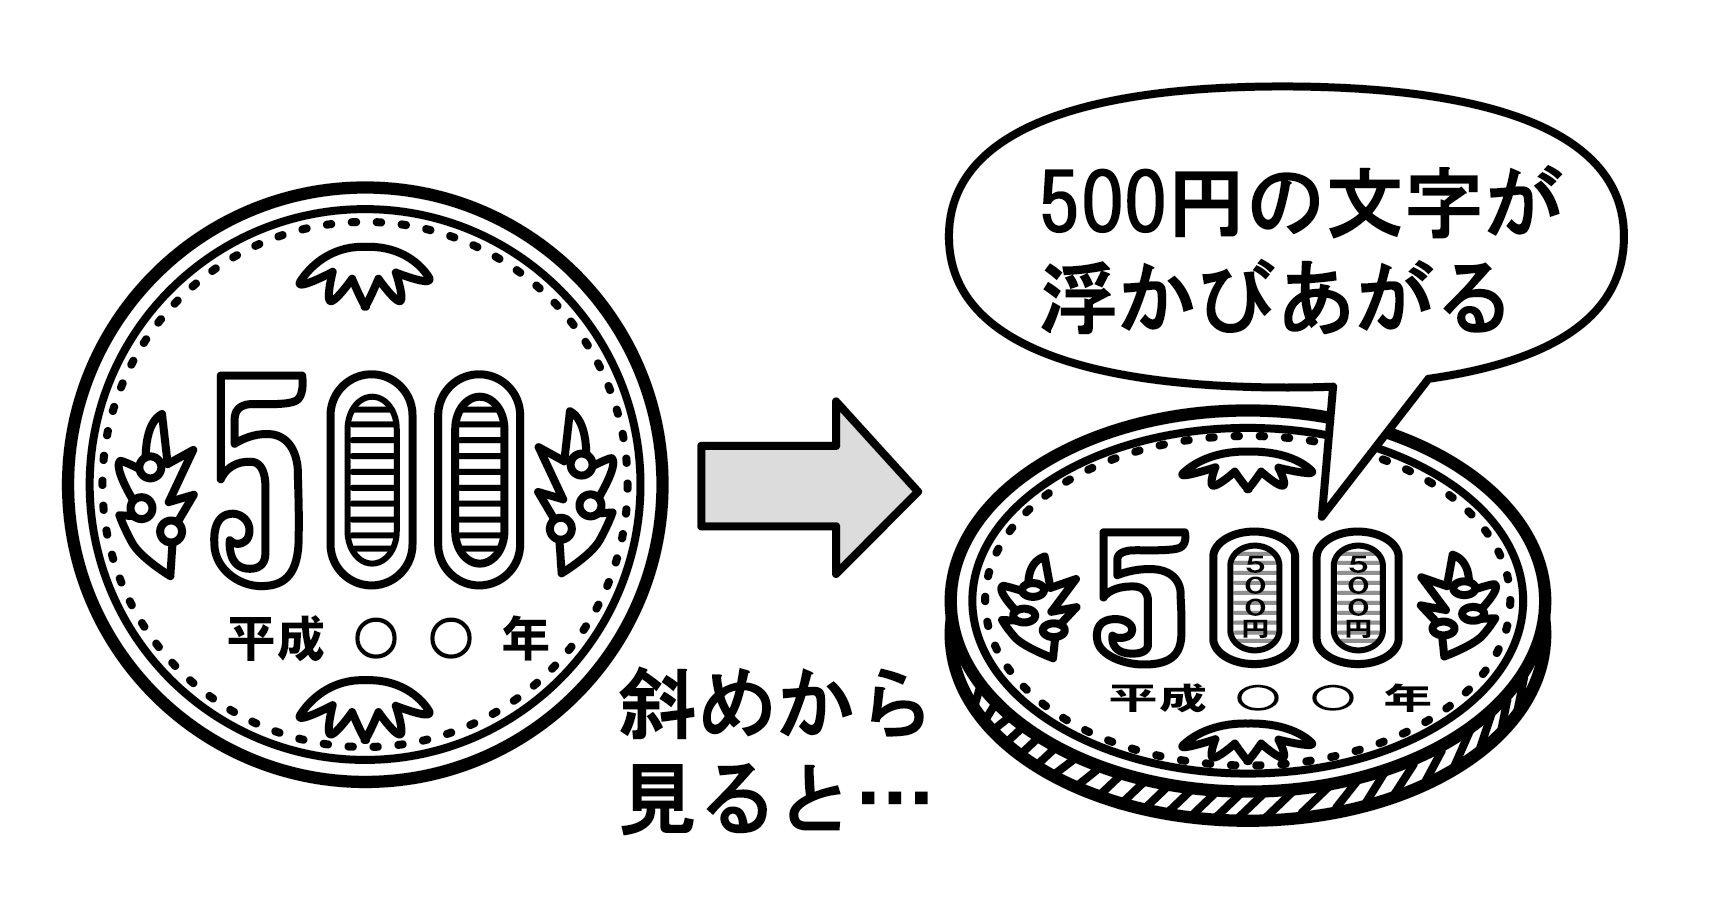 情報セキュリティスペシャリスト試験_500円の透かし